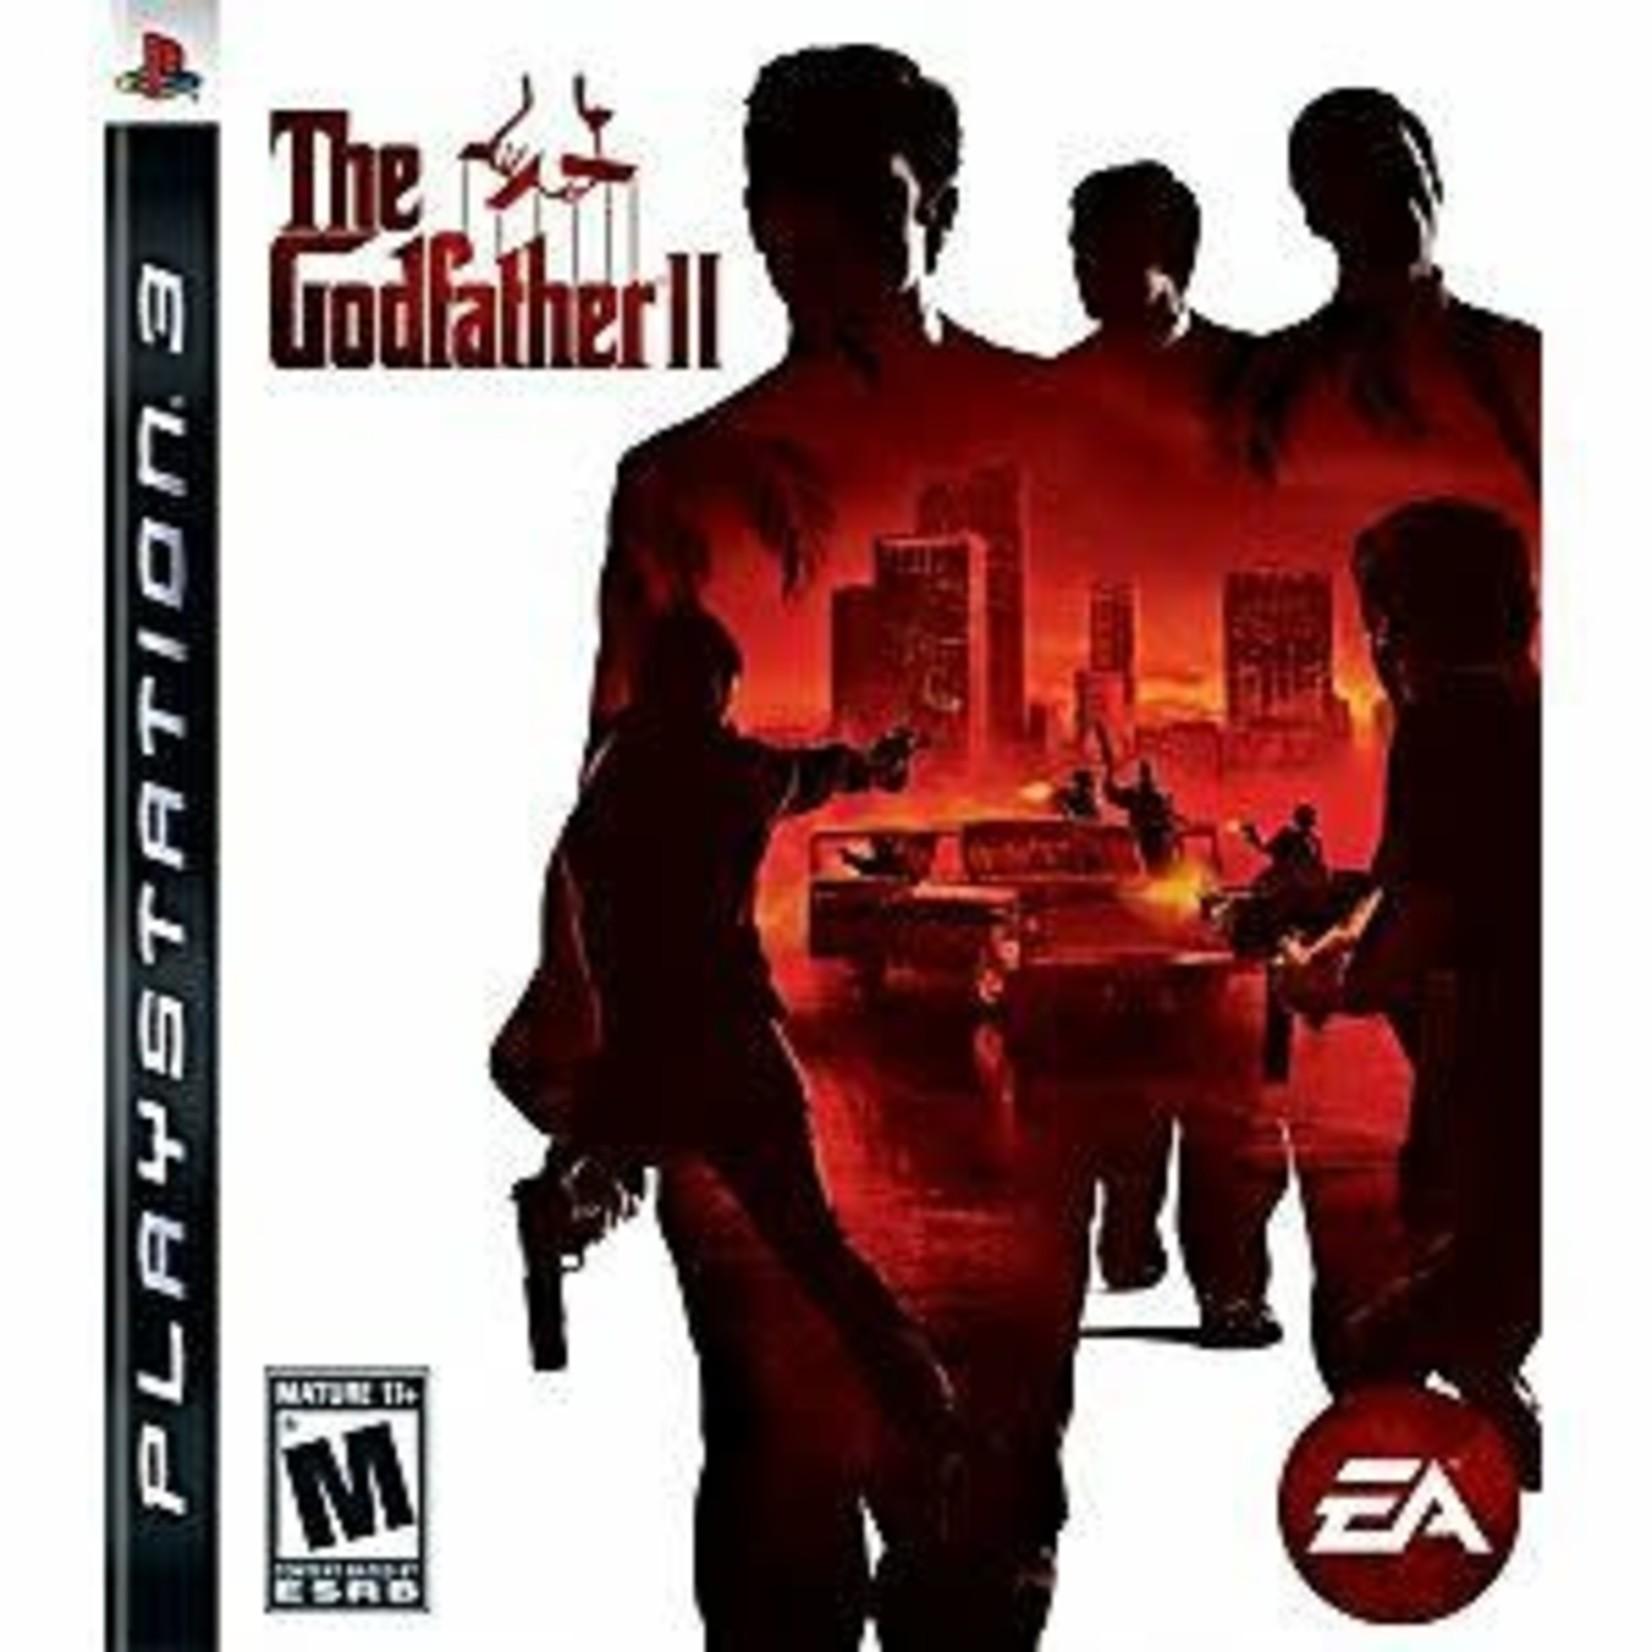 PS3U-Godfather 2